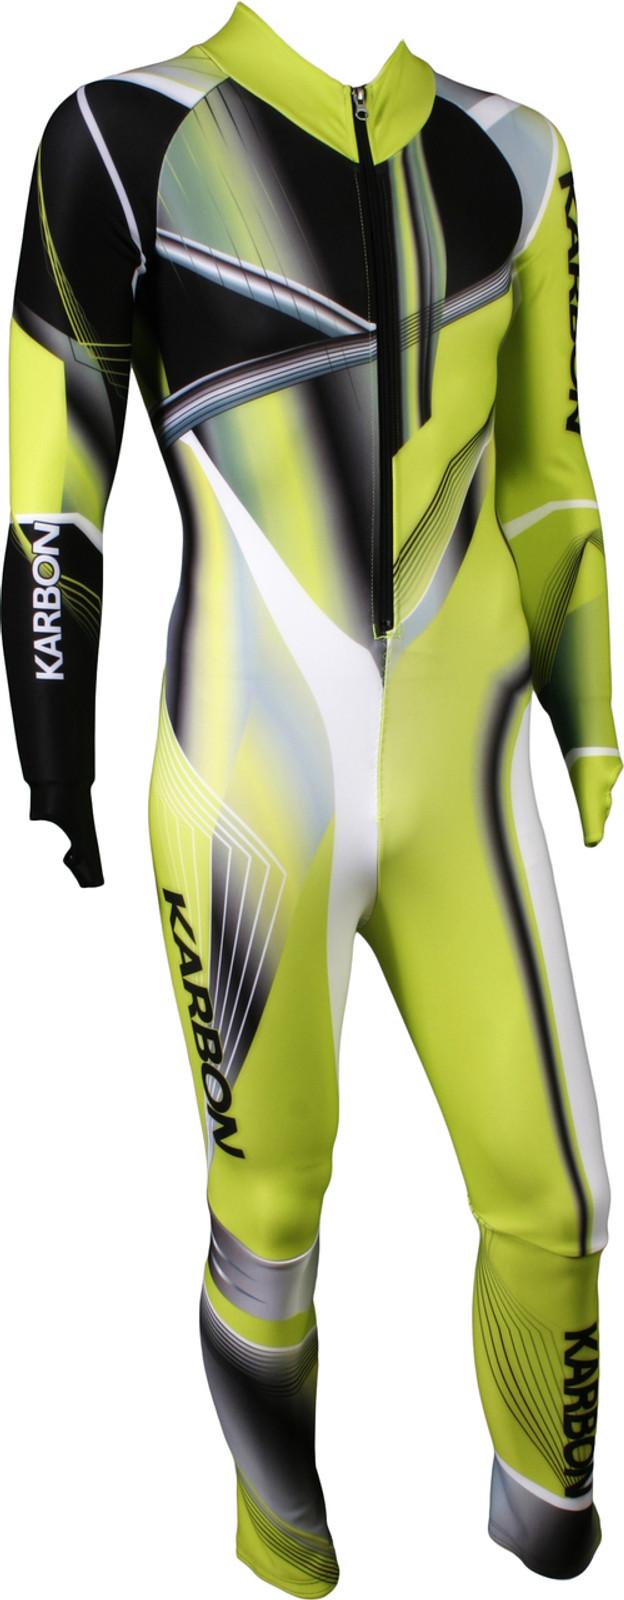 Karbon IMPERIAL GS Race Suit